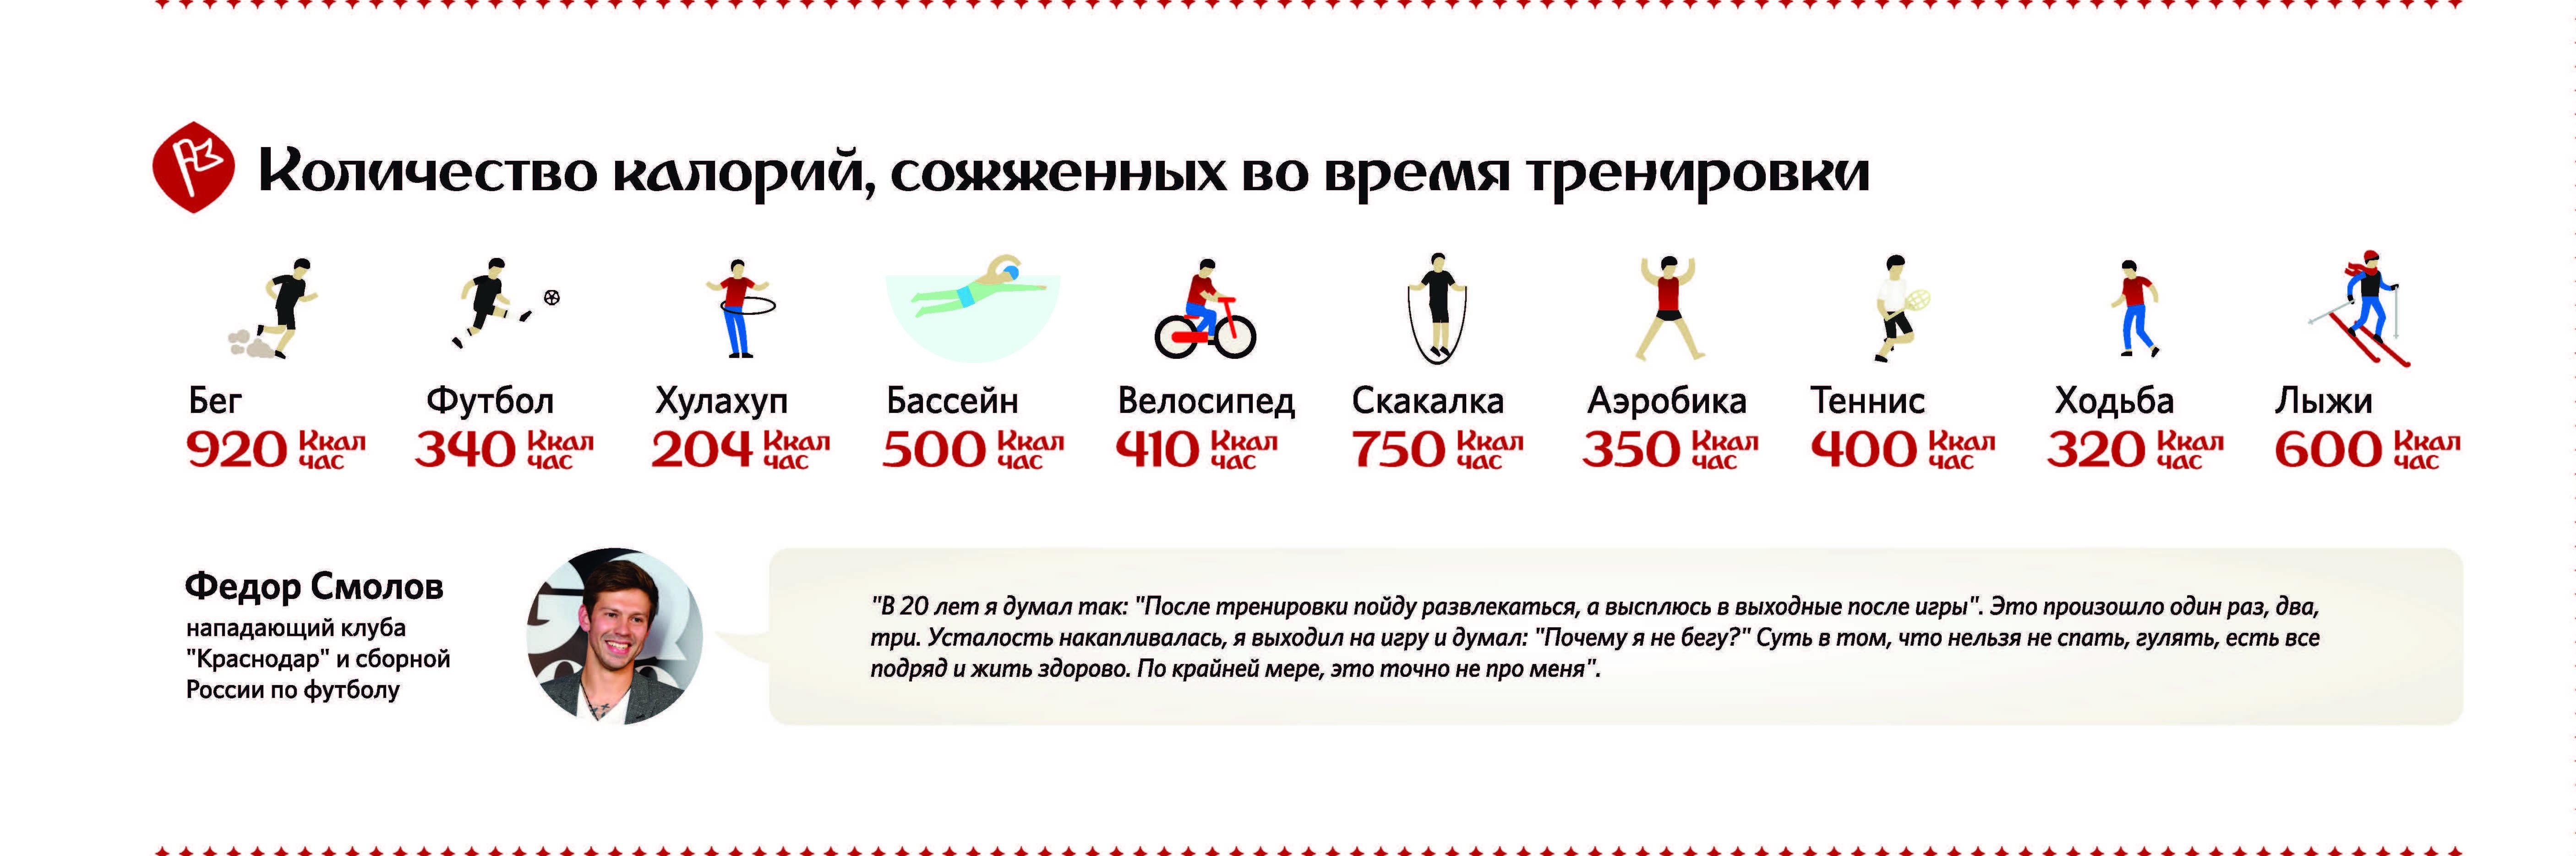 Сколько калорий сжигается при езде на велосипеде, отзывы худеющих